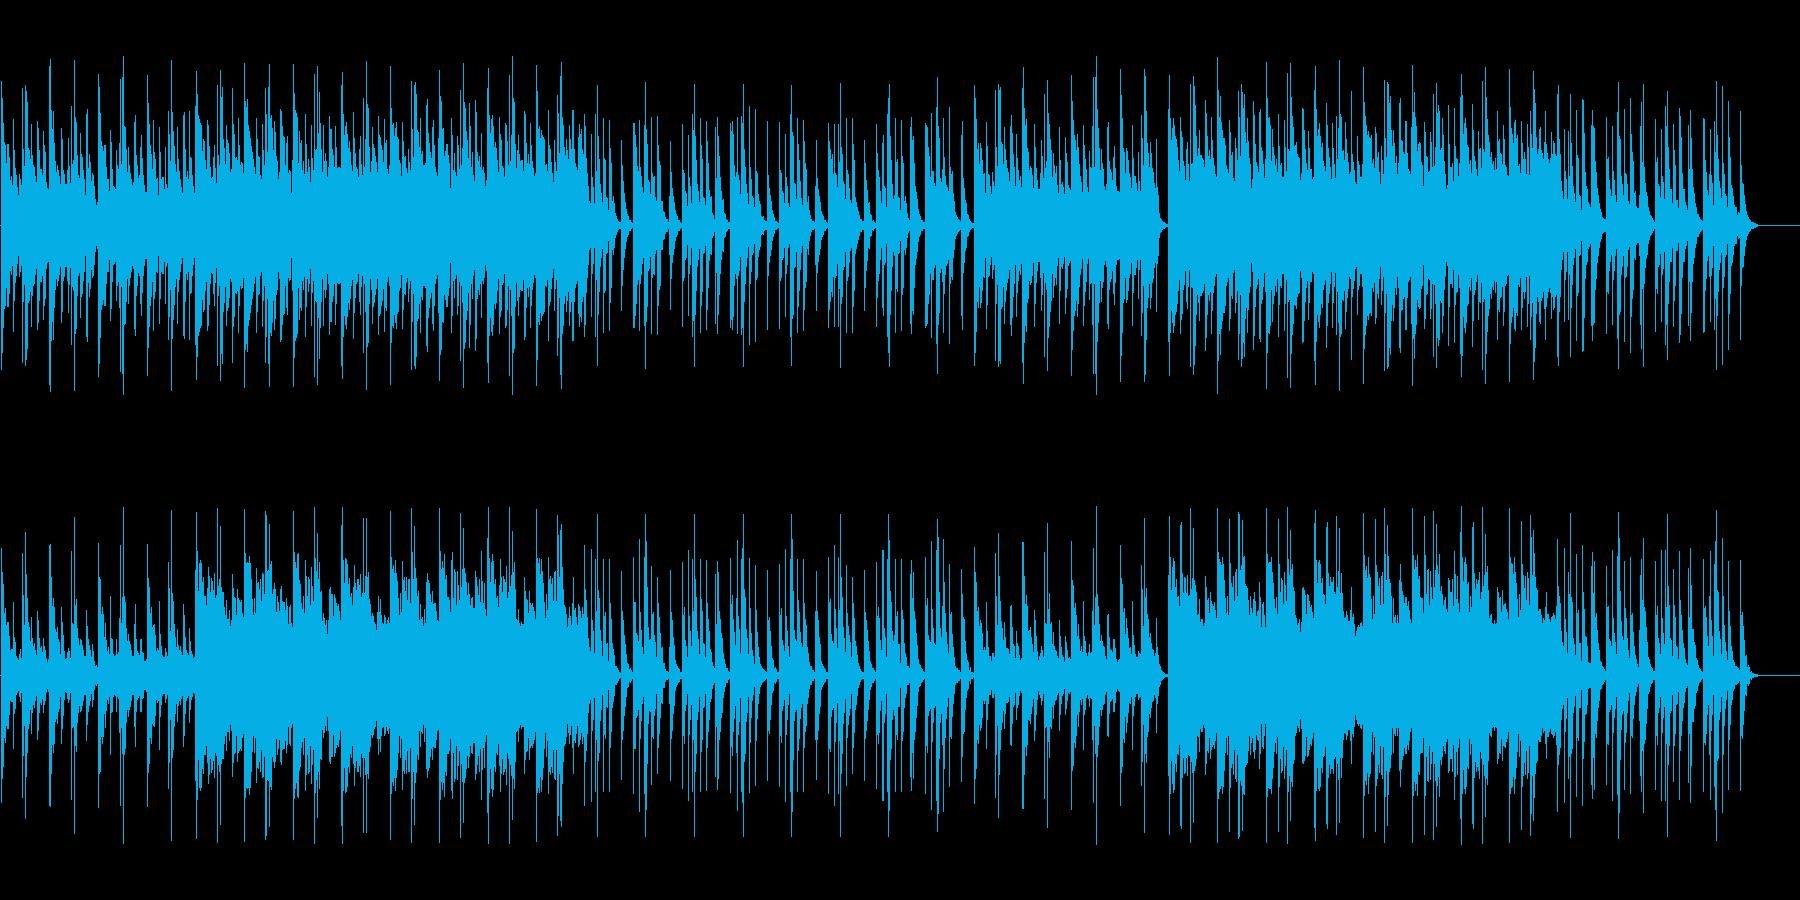 和楽器を使用した少し不気味な和風ホラー曲の再生済みの波形